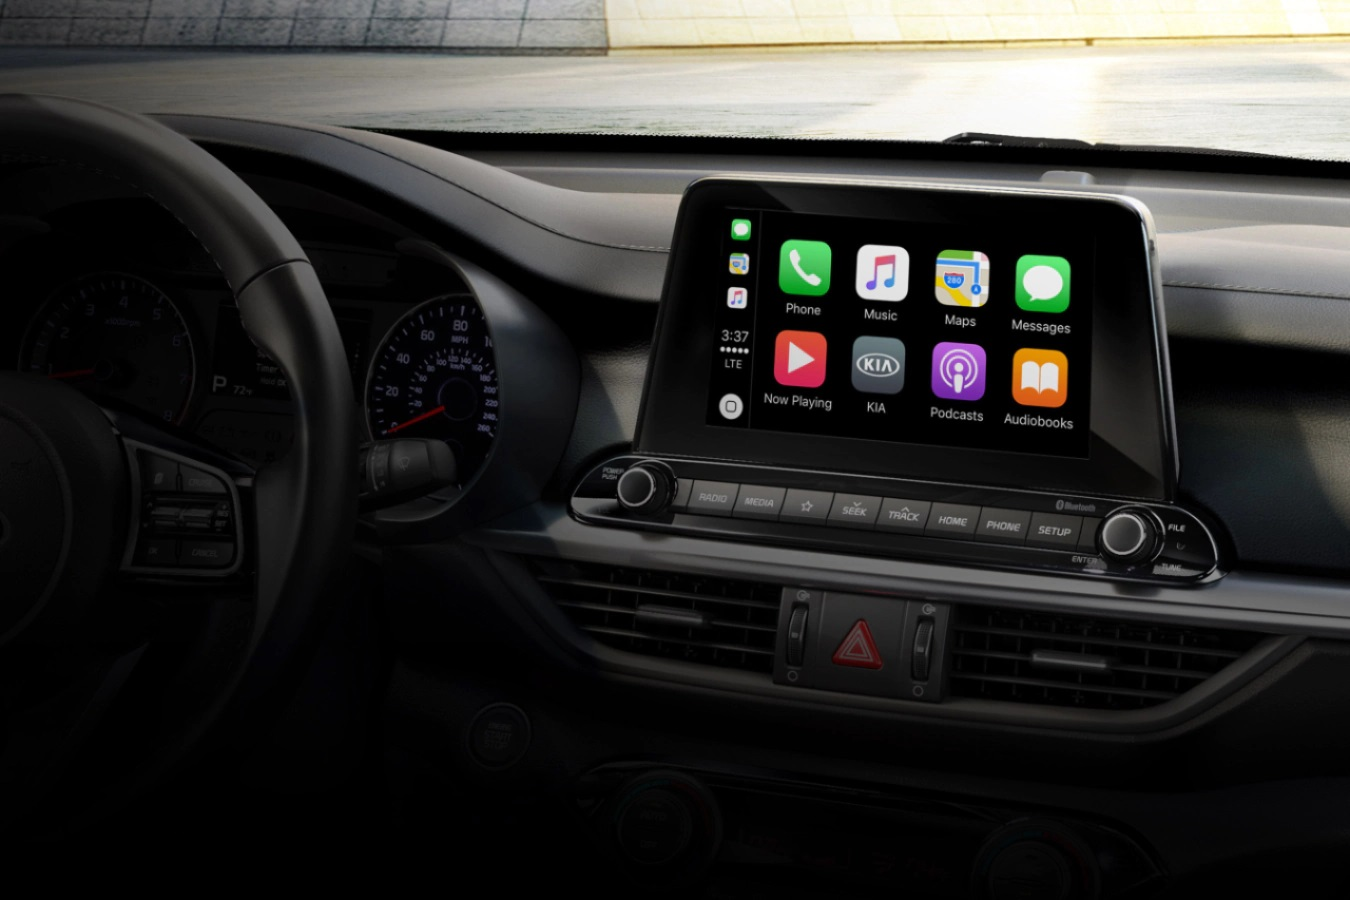 2020 Kia Forte Touchscreen Display